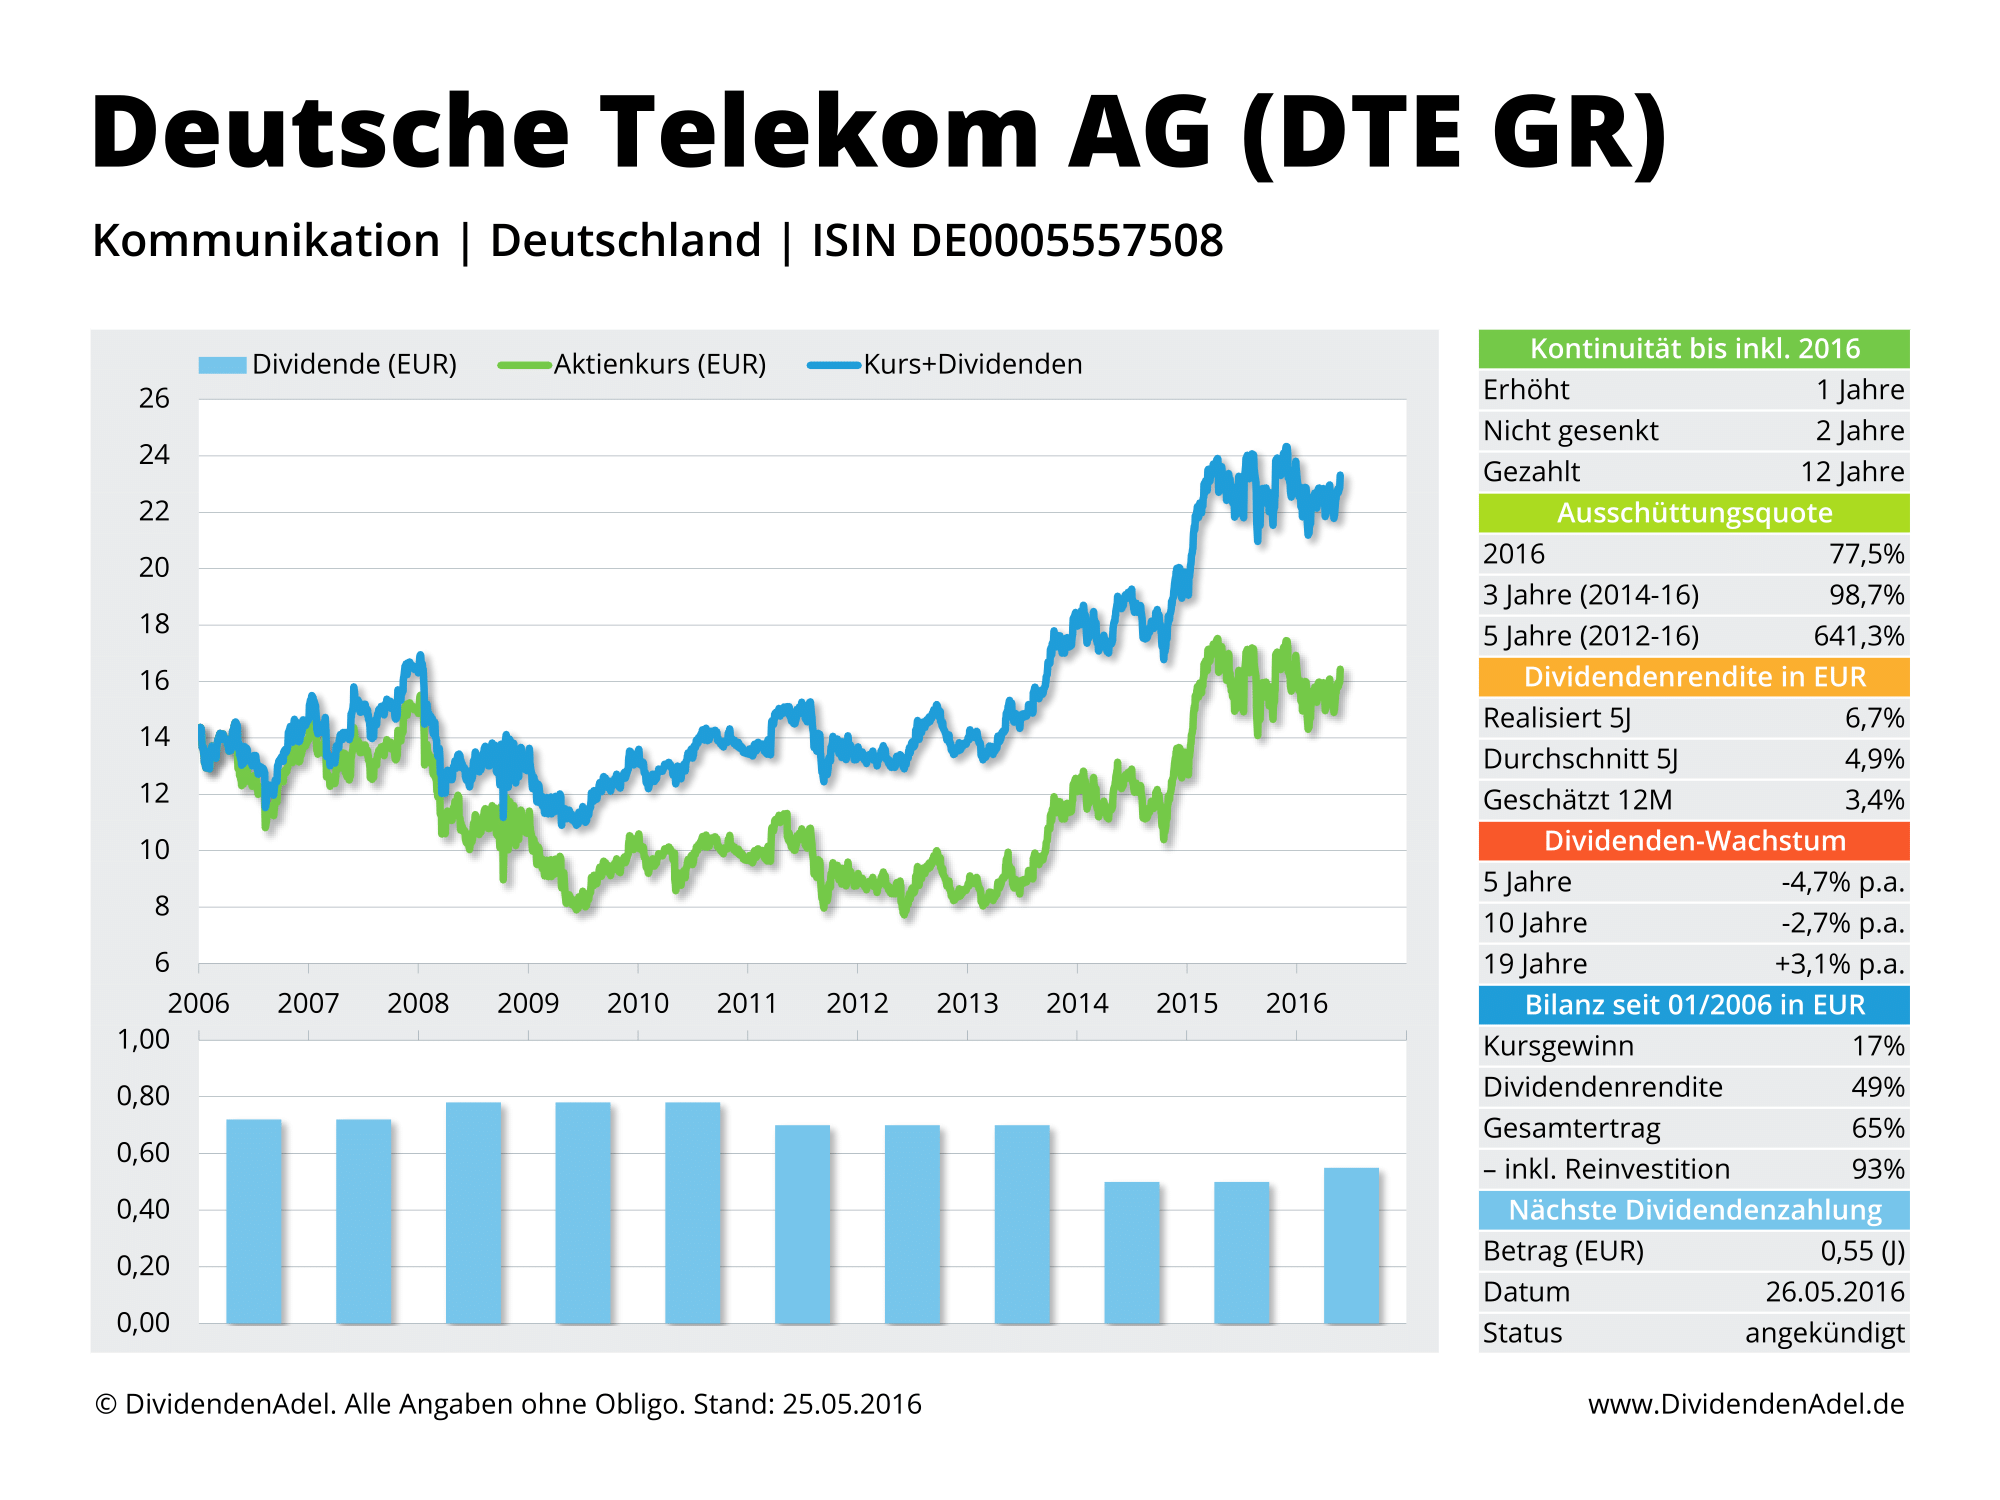 2016-05-25 Dividendenprofil DTE GR ab 2006 Web-1